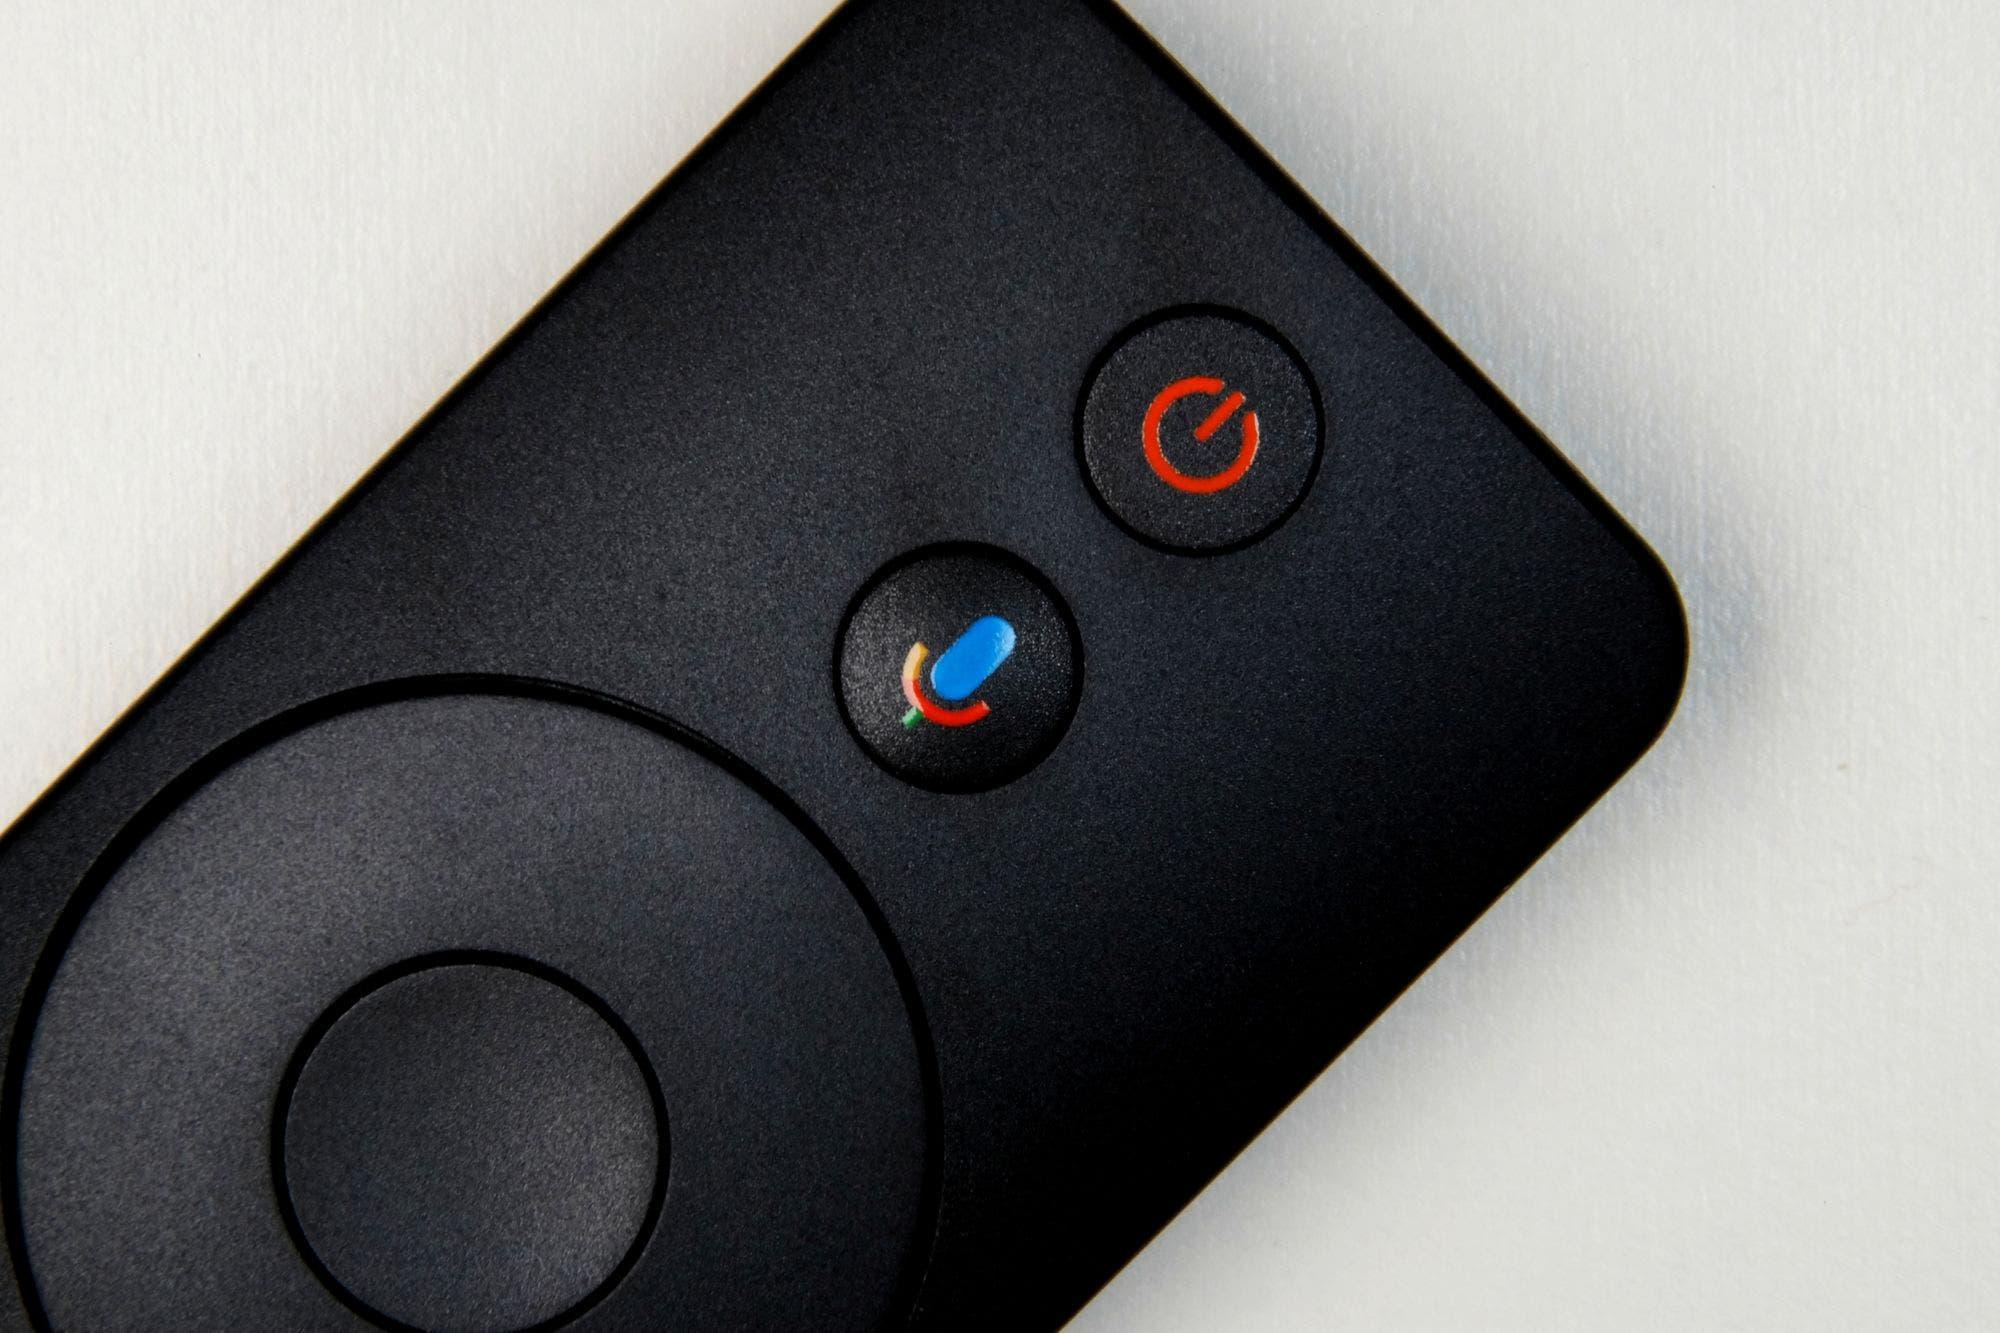 Con fotos, audios y bots, los recuerdos se vuelven inmortales en el mundo virtual